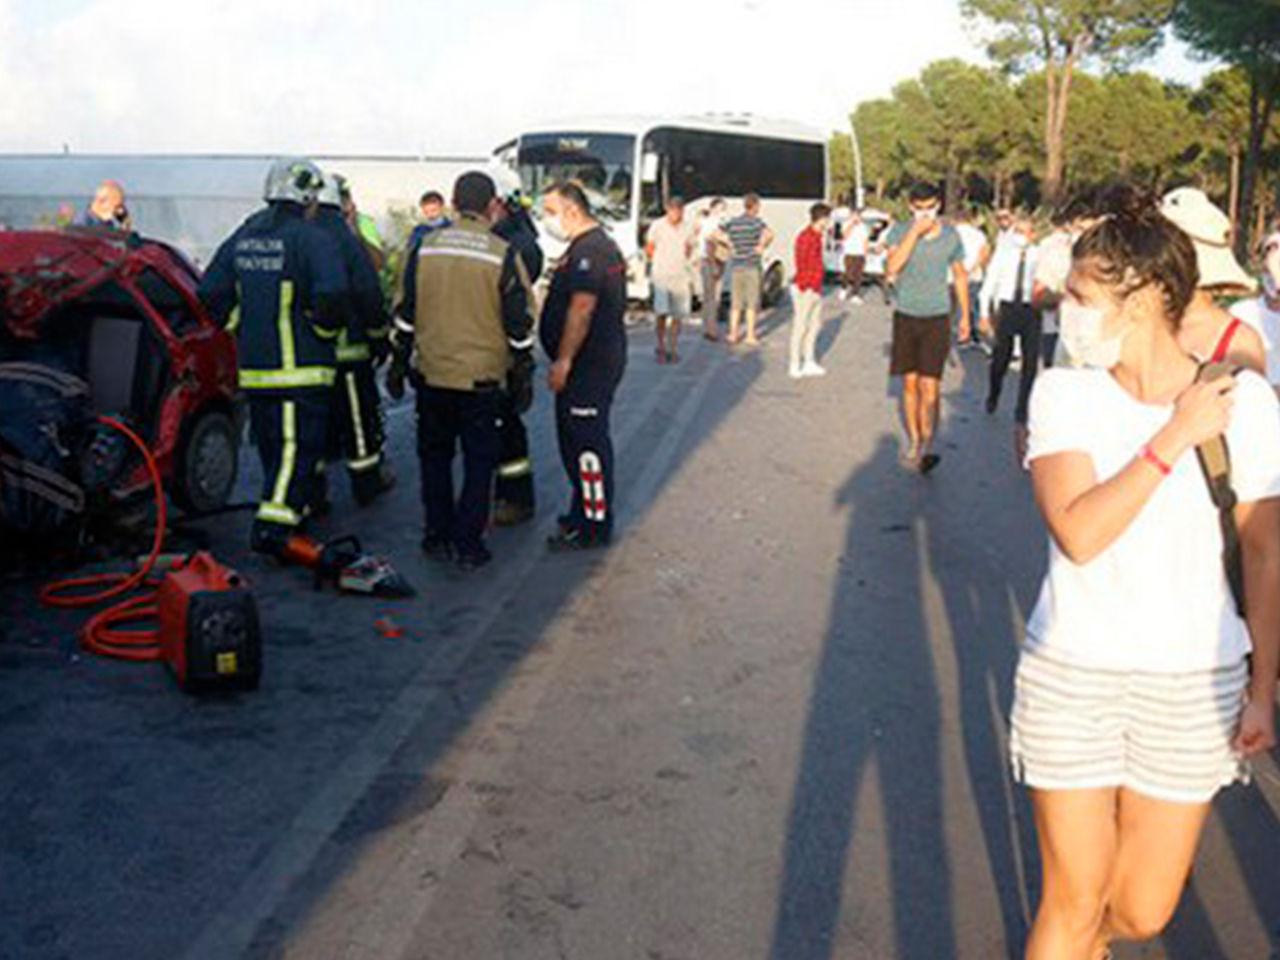 Резко вынесло на встречную: в Турции перевернулся автобус с украинцами, СМИ сообщают о 49 пострадавших